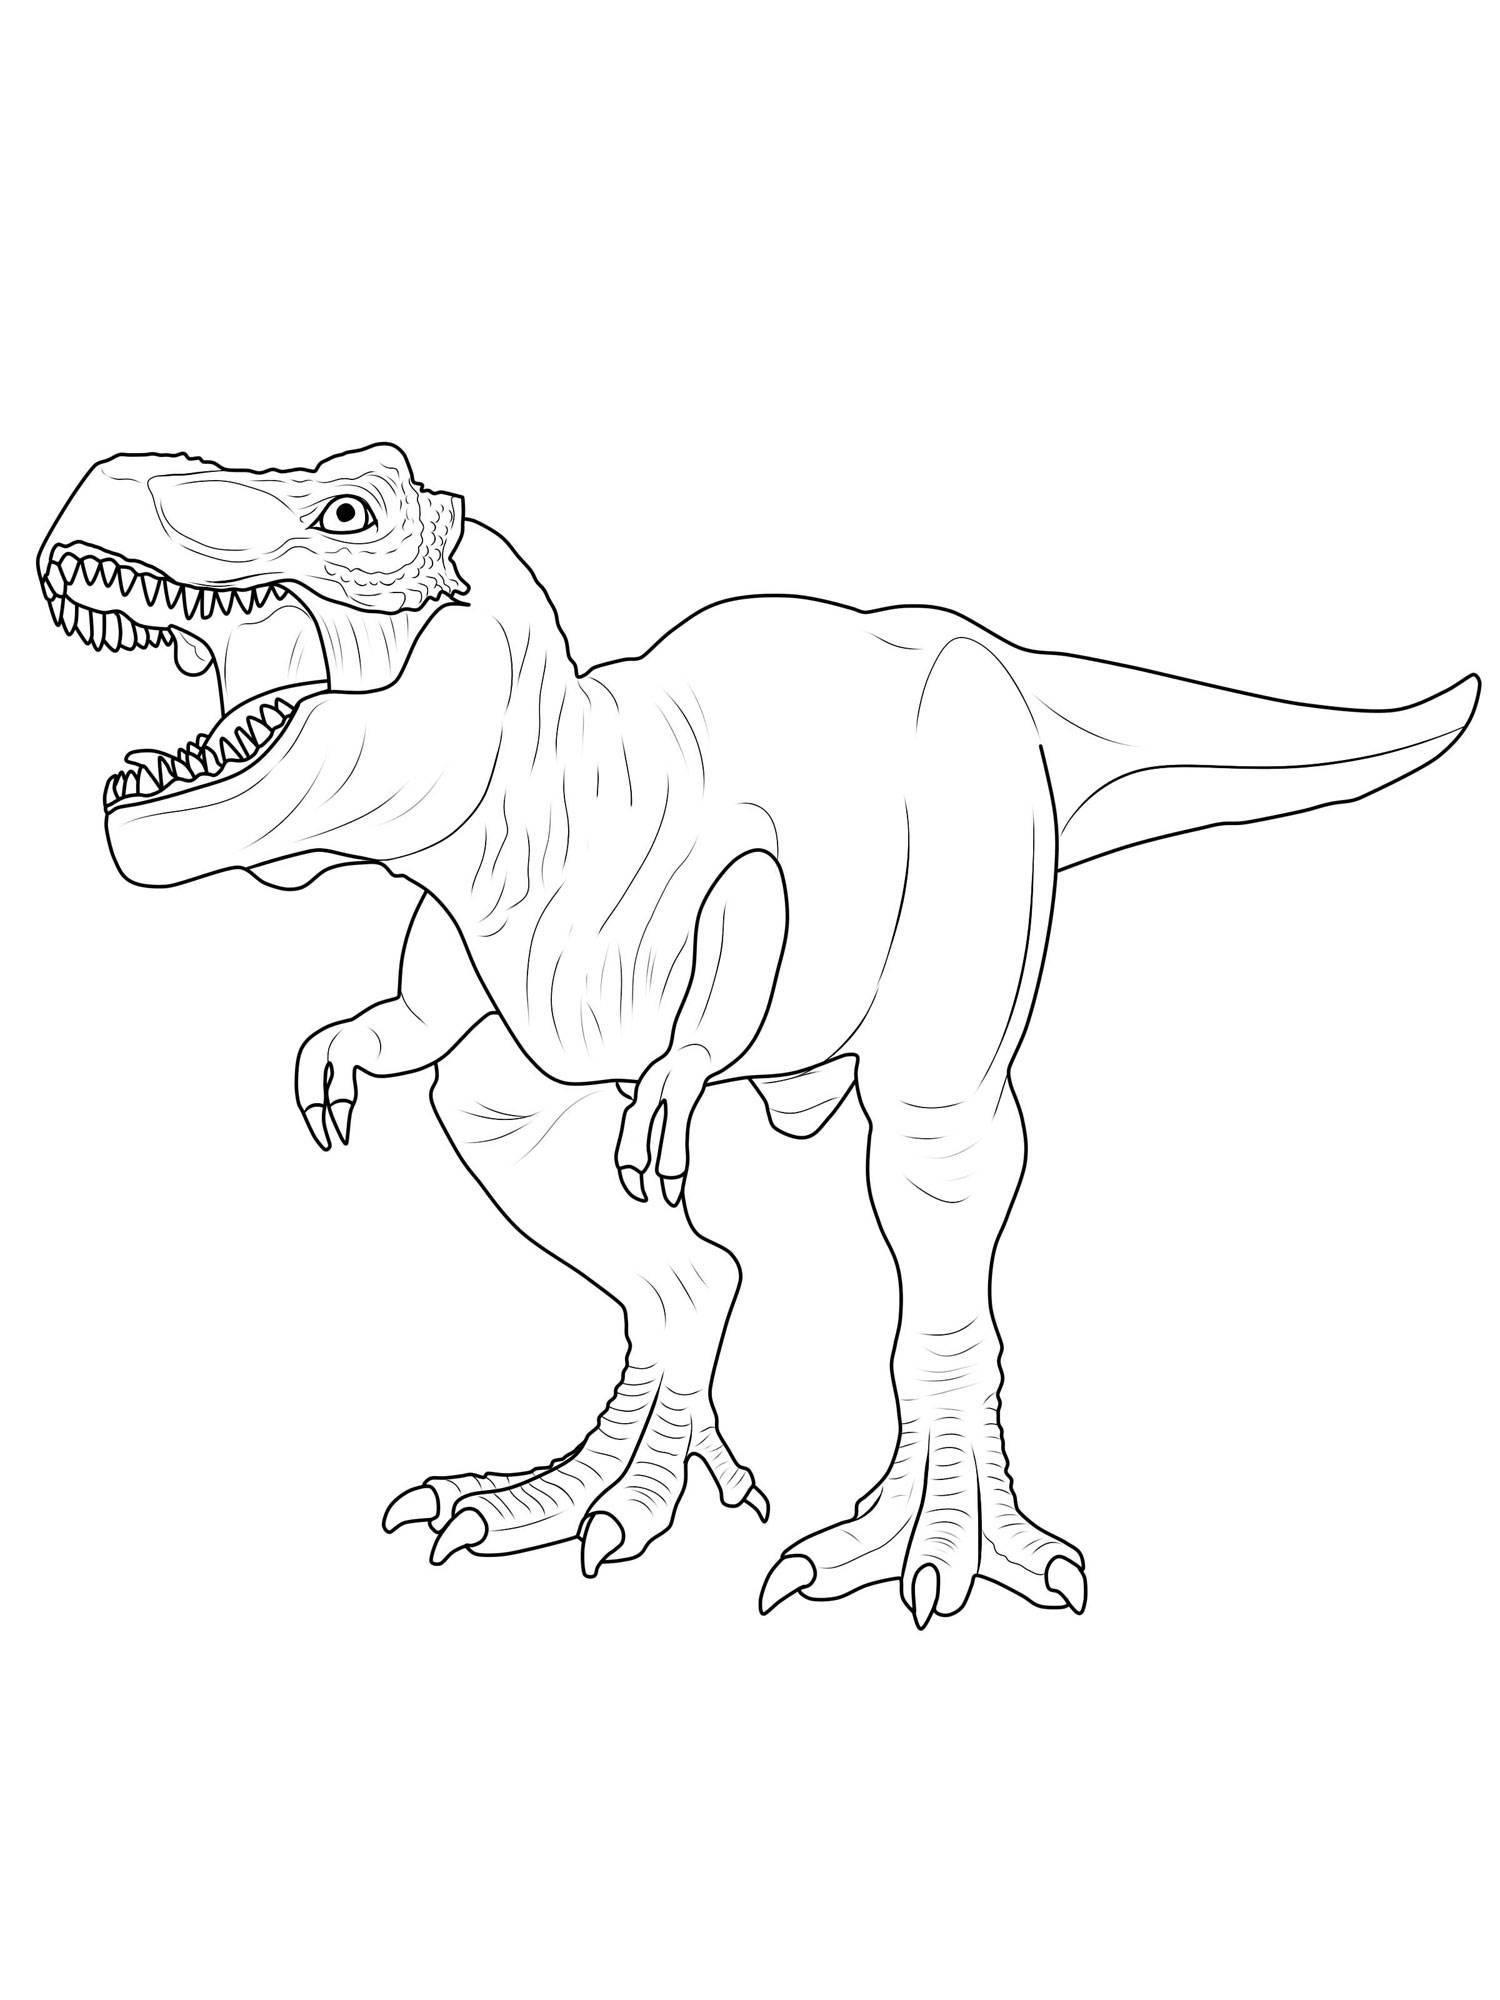 T Rex Disegni Da Colorare.10 T Rex Coloring Page In 2020 Dinosaur Coloring Pages Dinosaur Coloring Coloring Pages